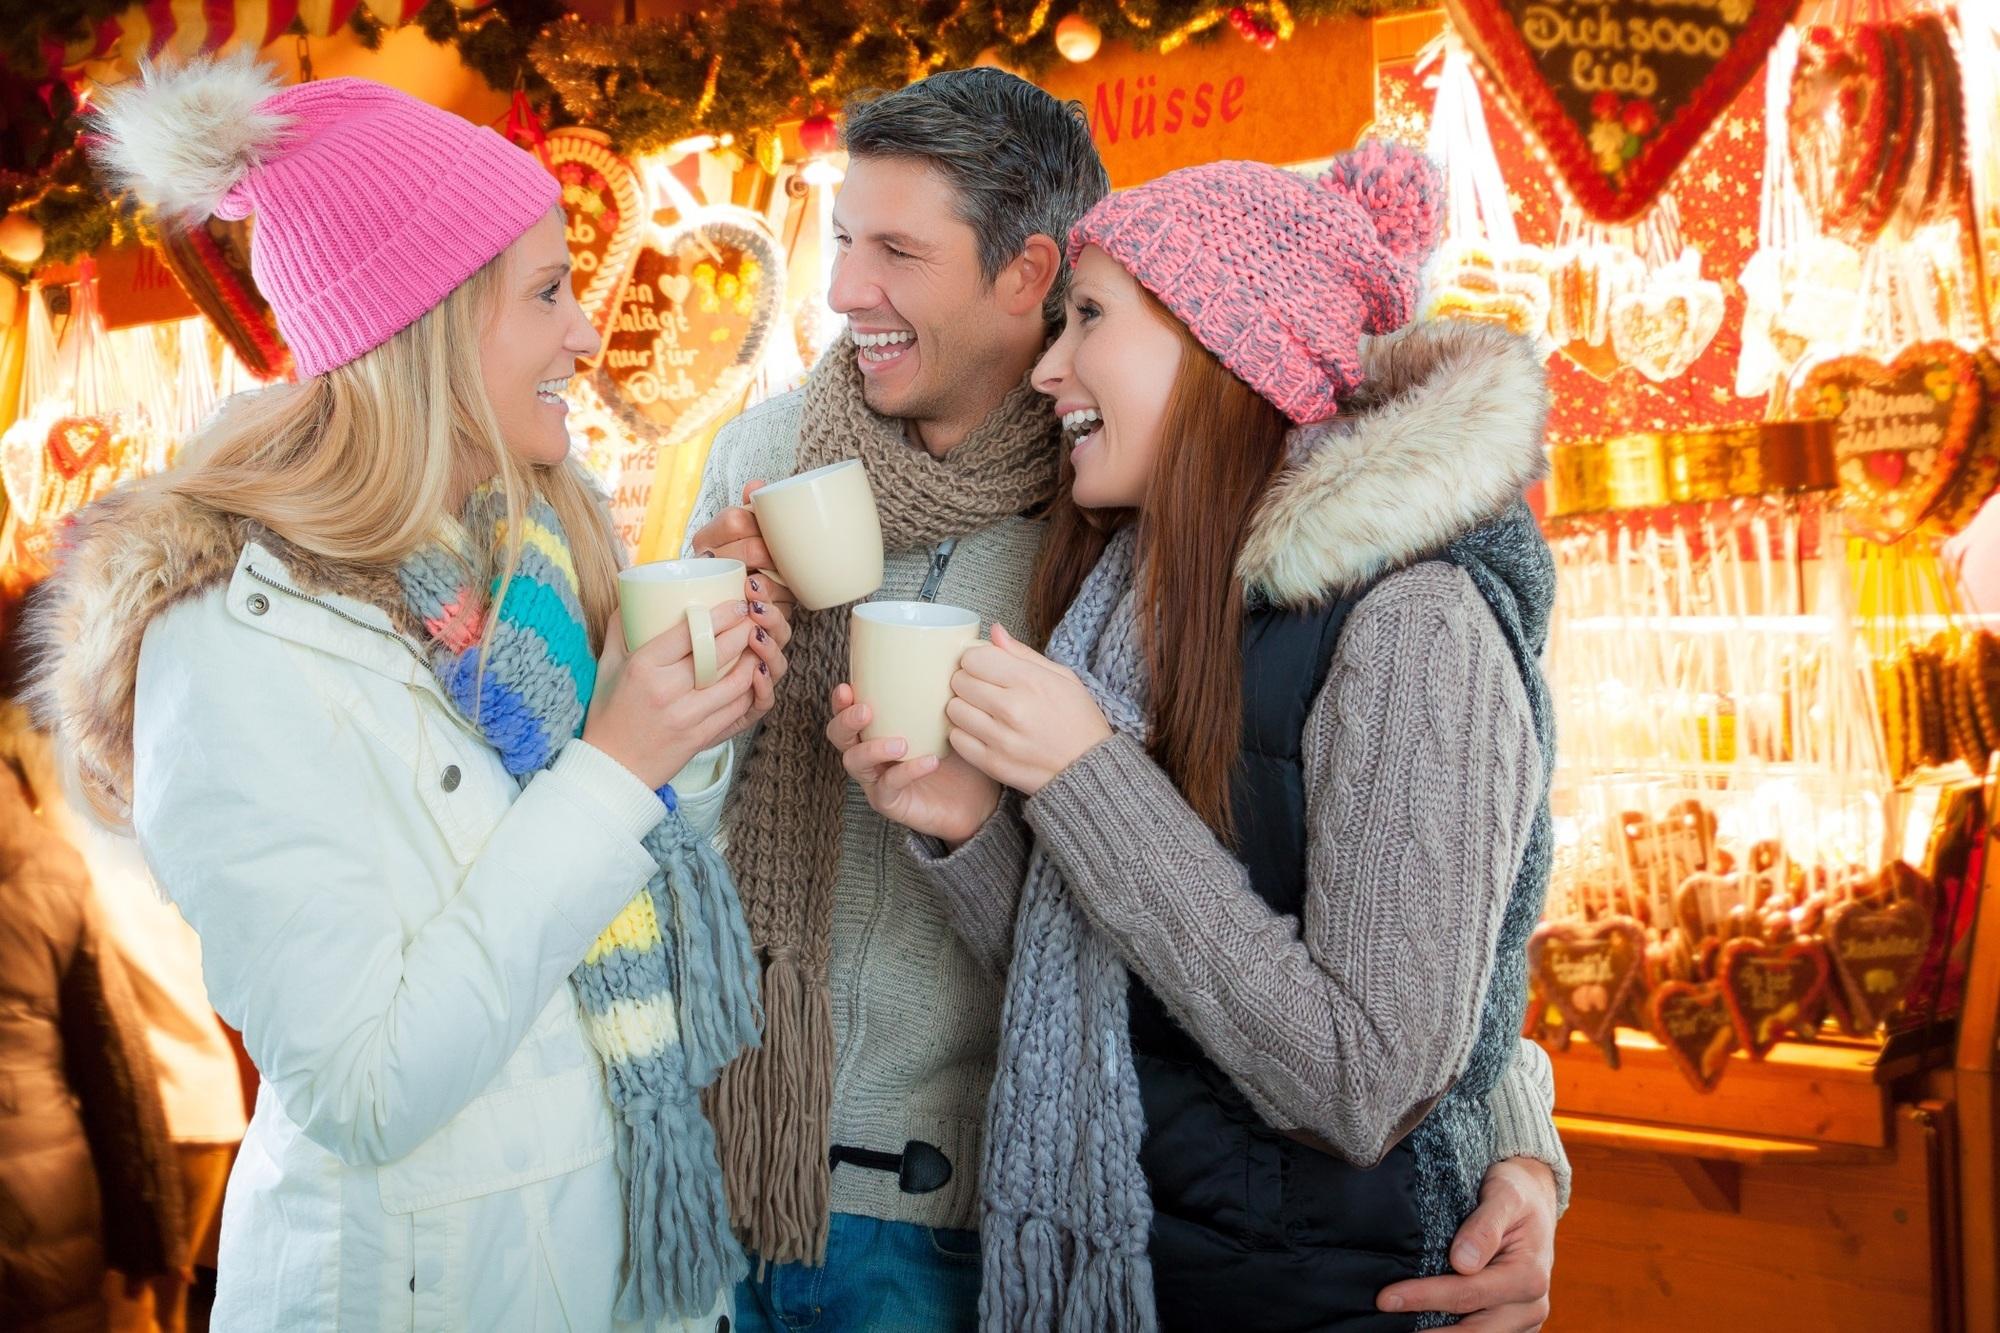 Ratgeber: Weihnachtsmarkt-Besuch - Glühwein geht schnell ins Blut